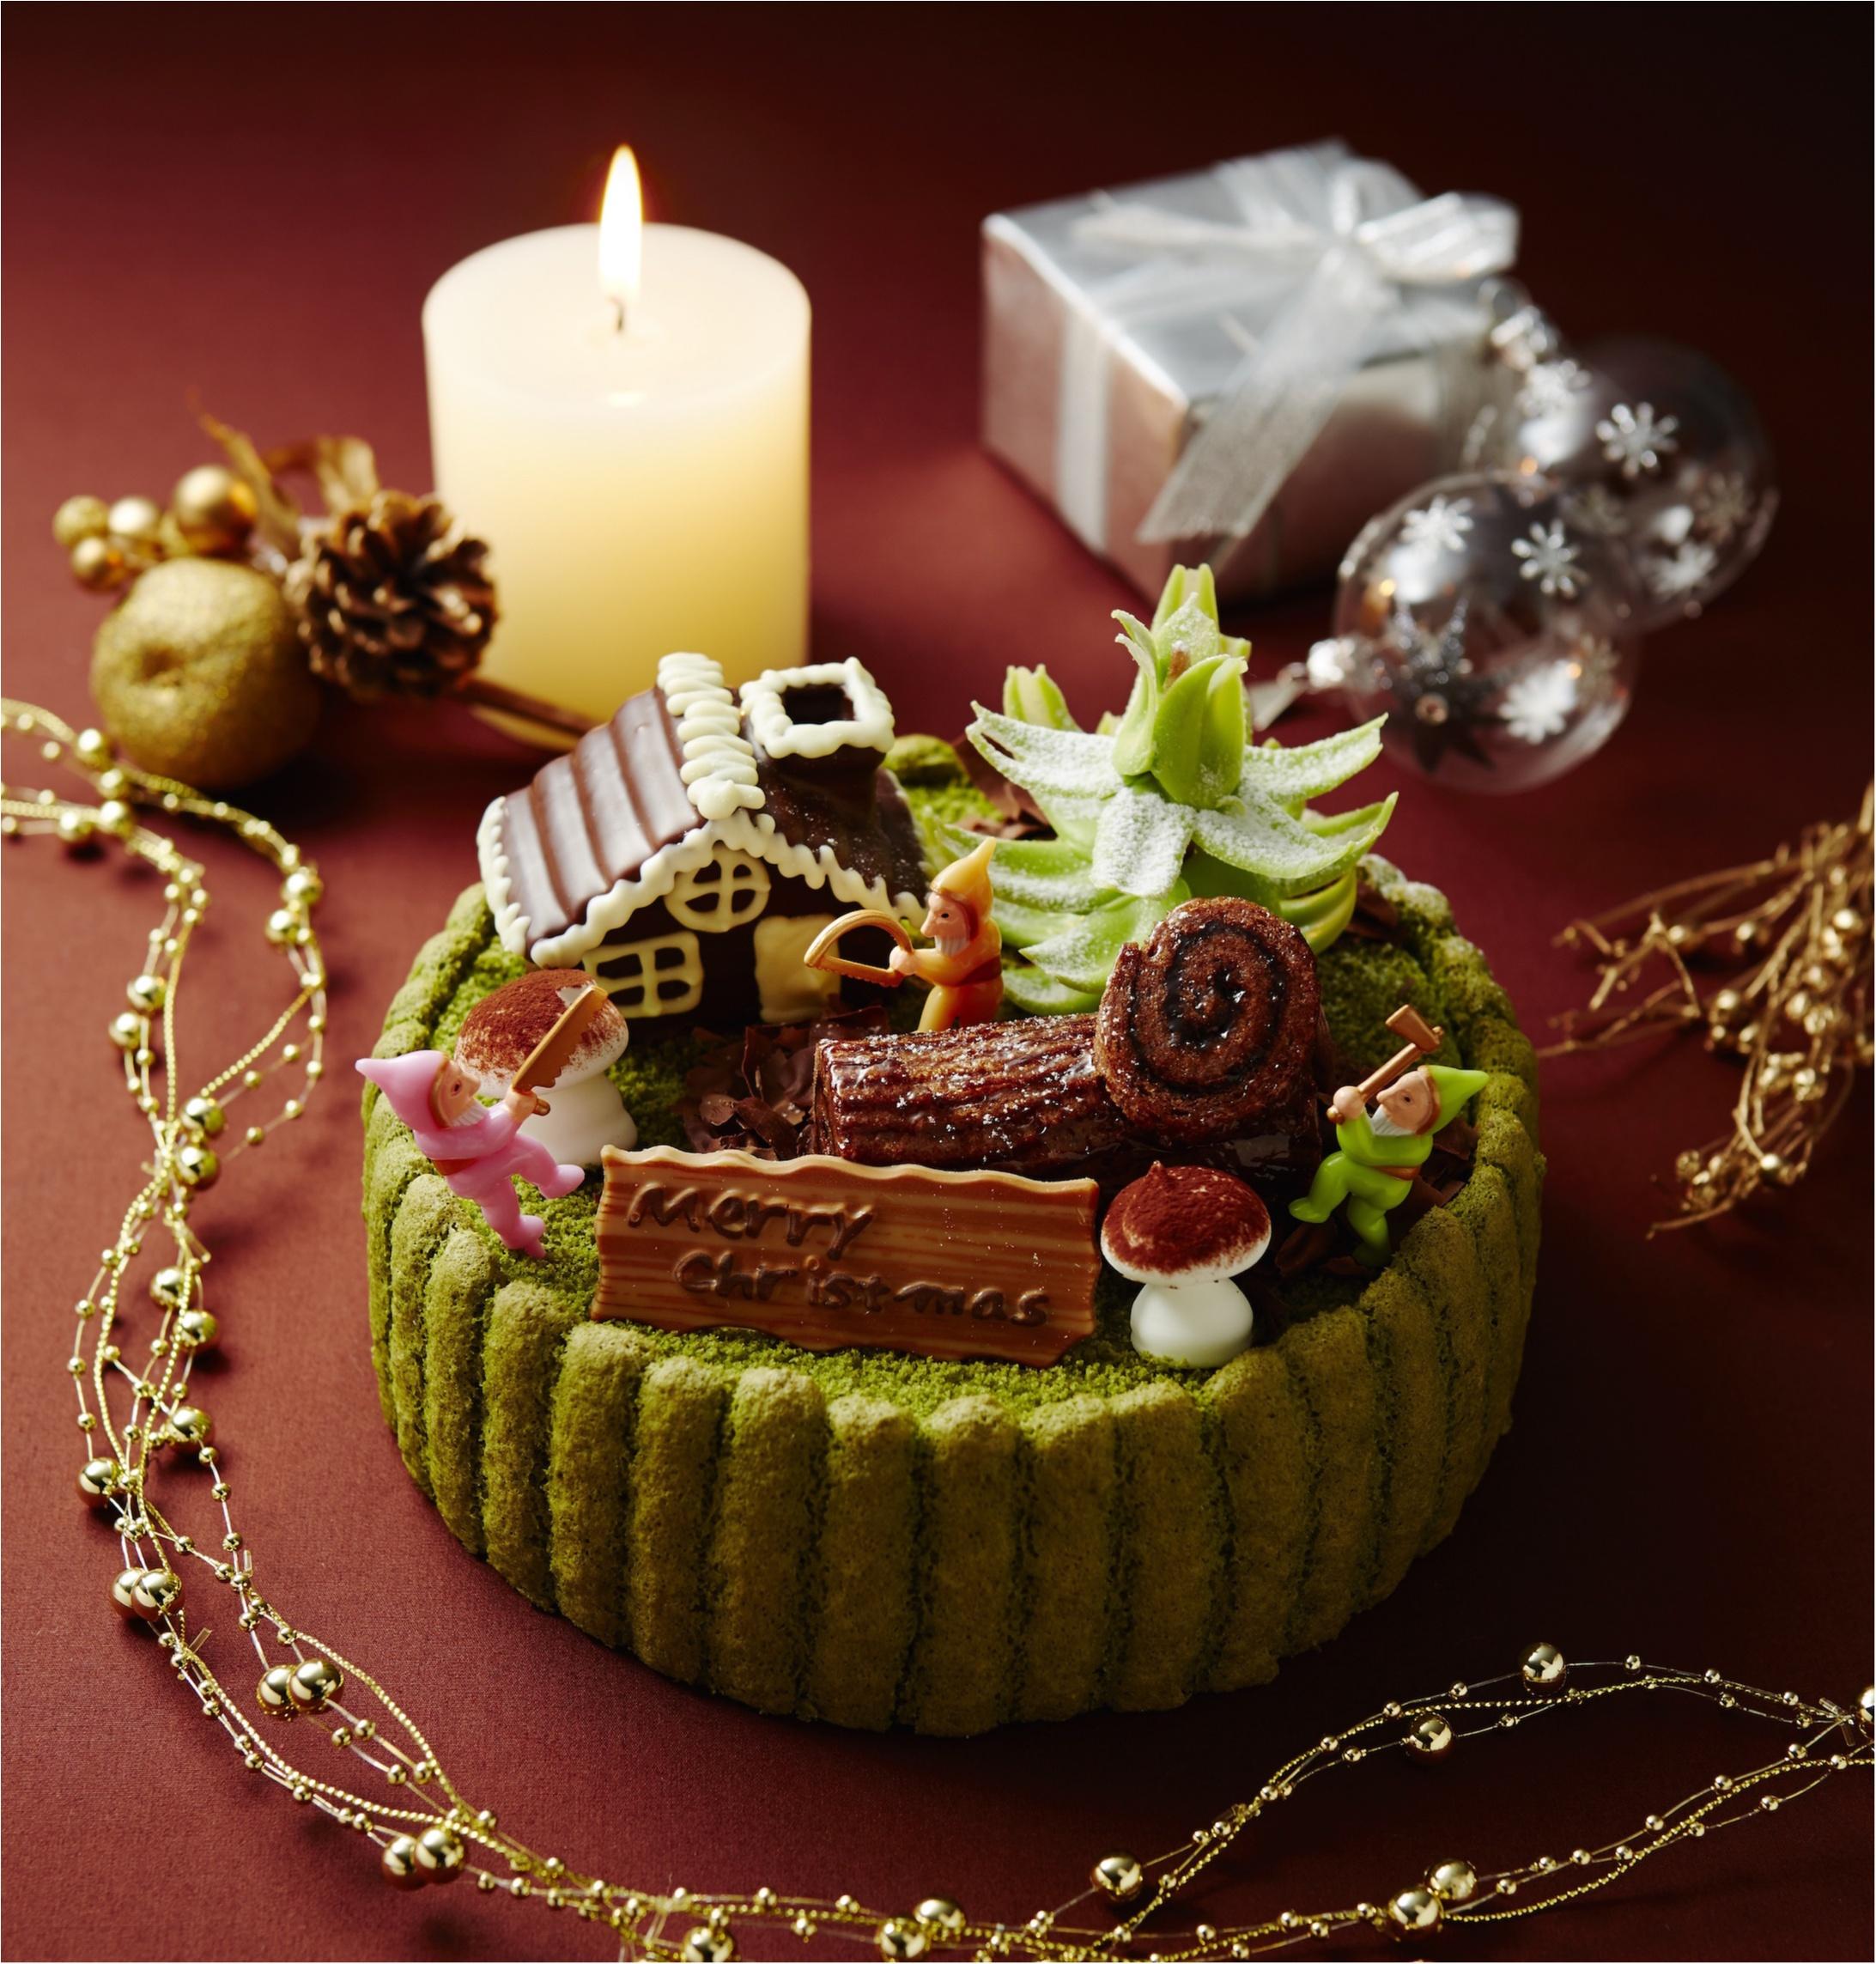 今年のテーマは白雪姫♡ 『京王プラザホテル』のロマンティックなクリスマスケーキ_2